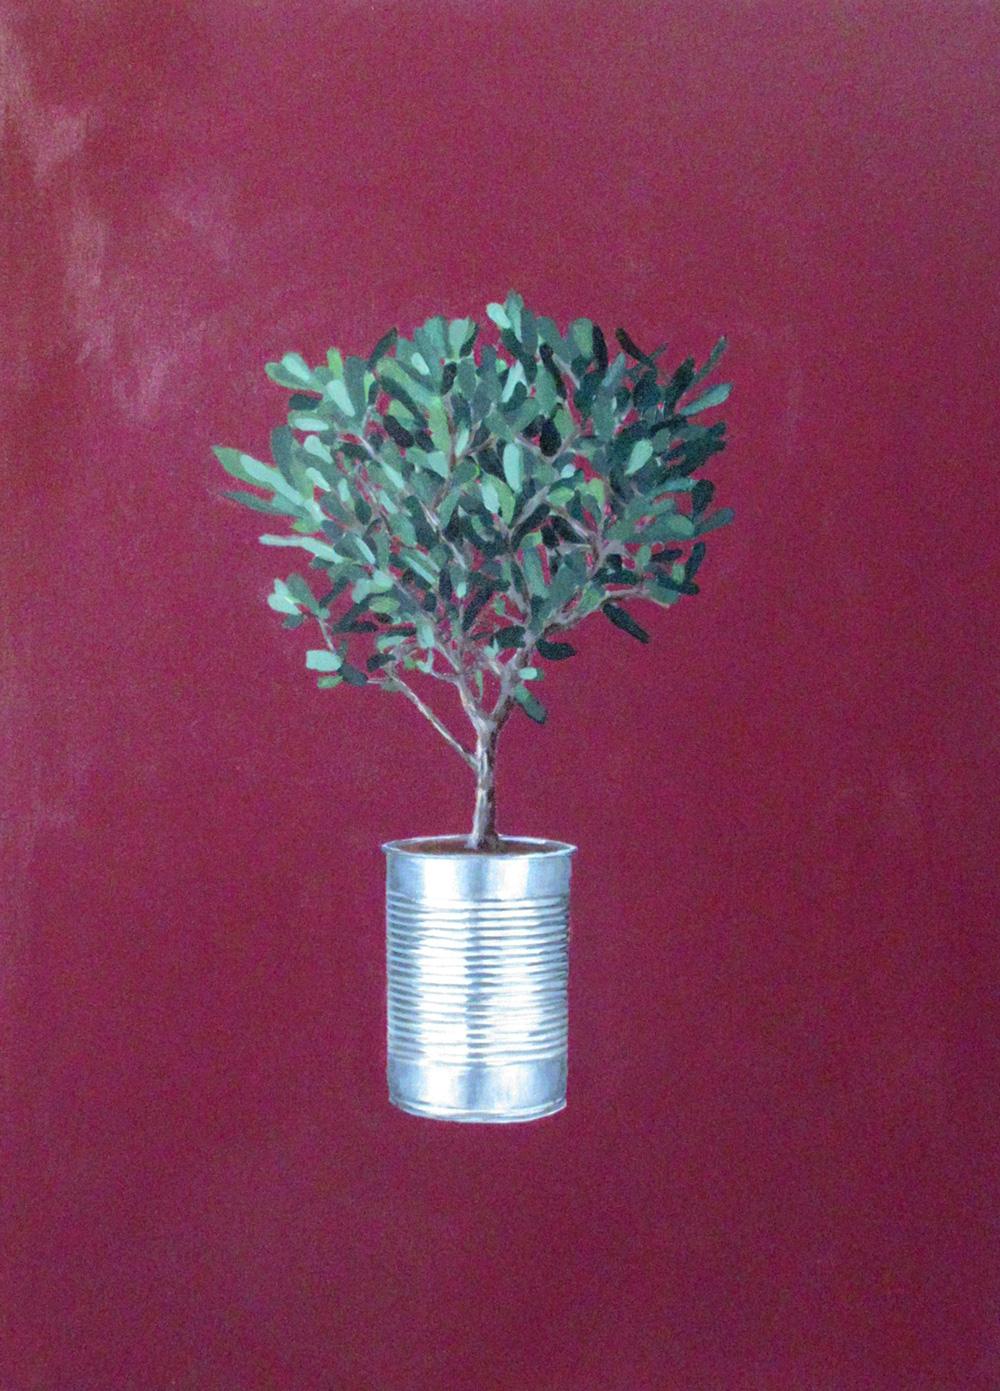 Cristina Mangini Bonsai di olivo e barattolo di latta Smalto su tela 50x70 cm